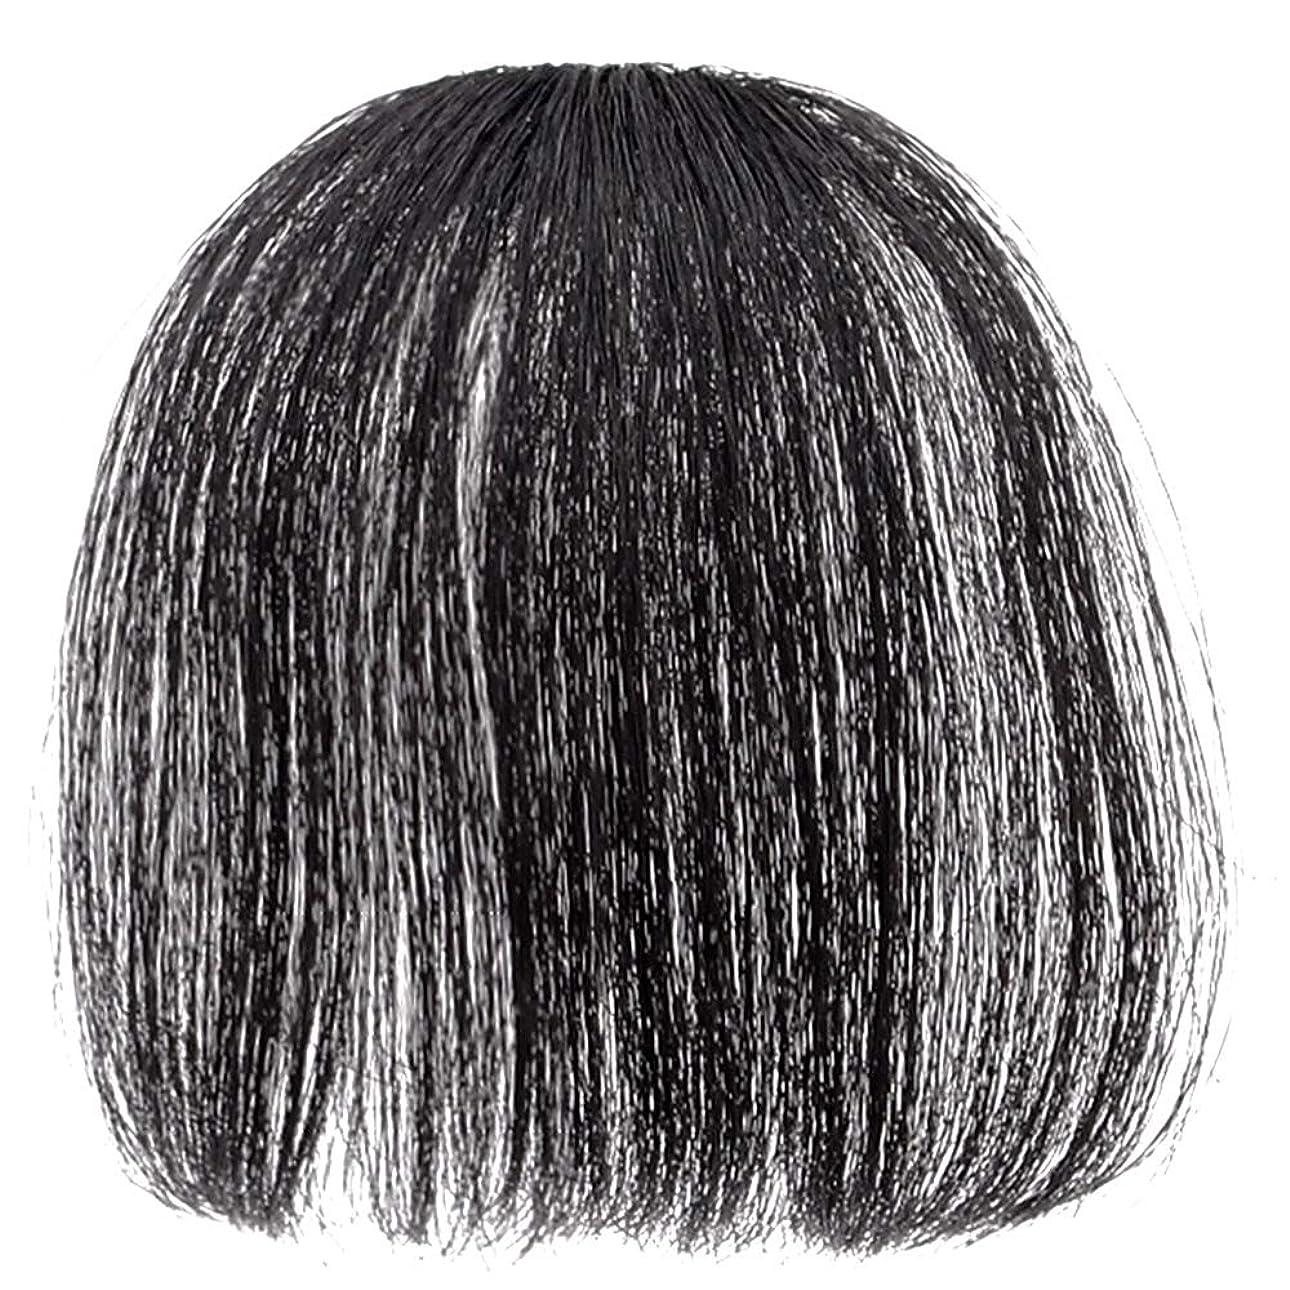 あえぎコンデンサー漂流Merssavo 前髪のヘアクリップ偽のヘアエクステンション偽ヘアピース